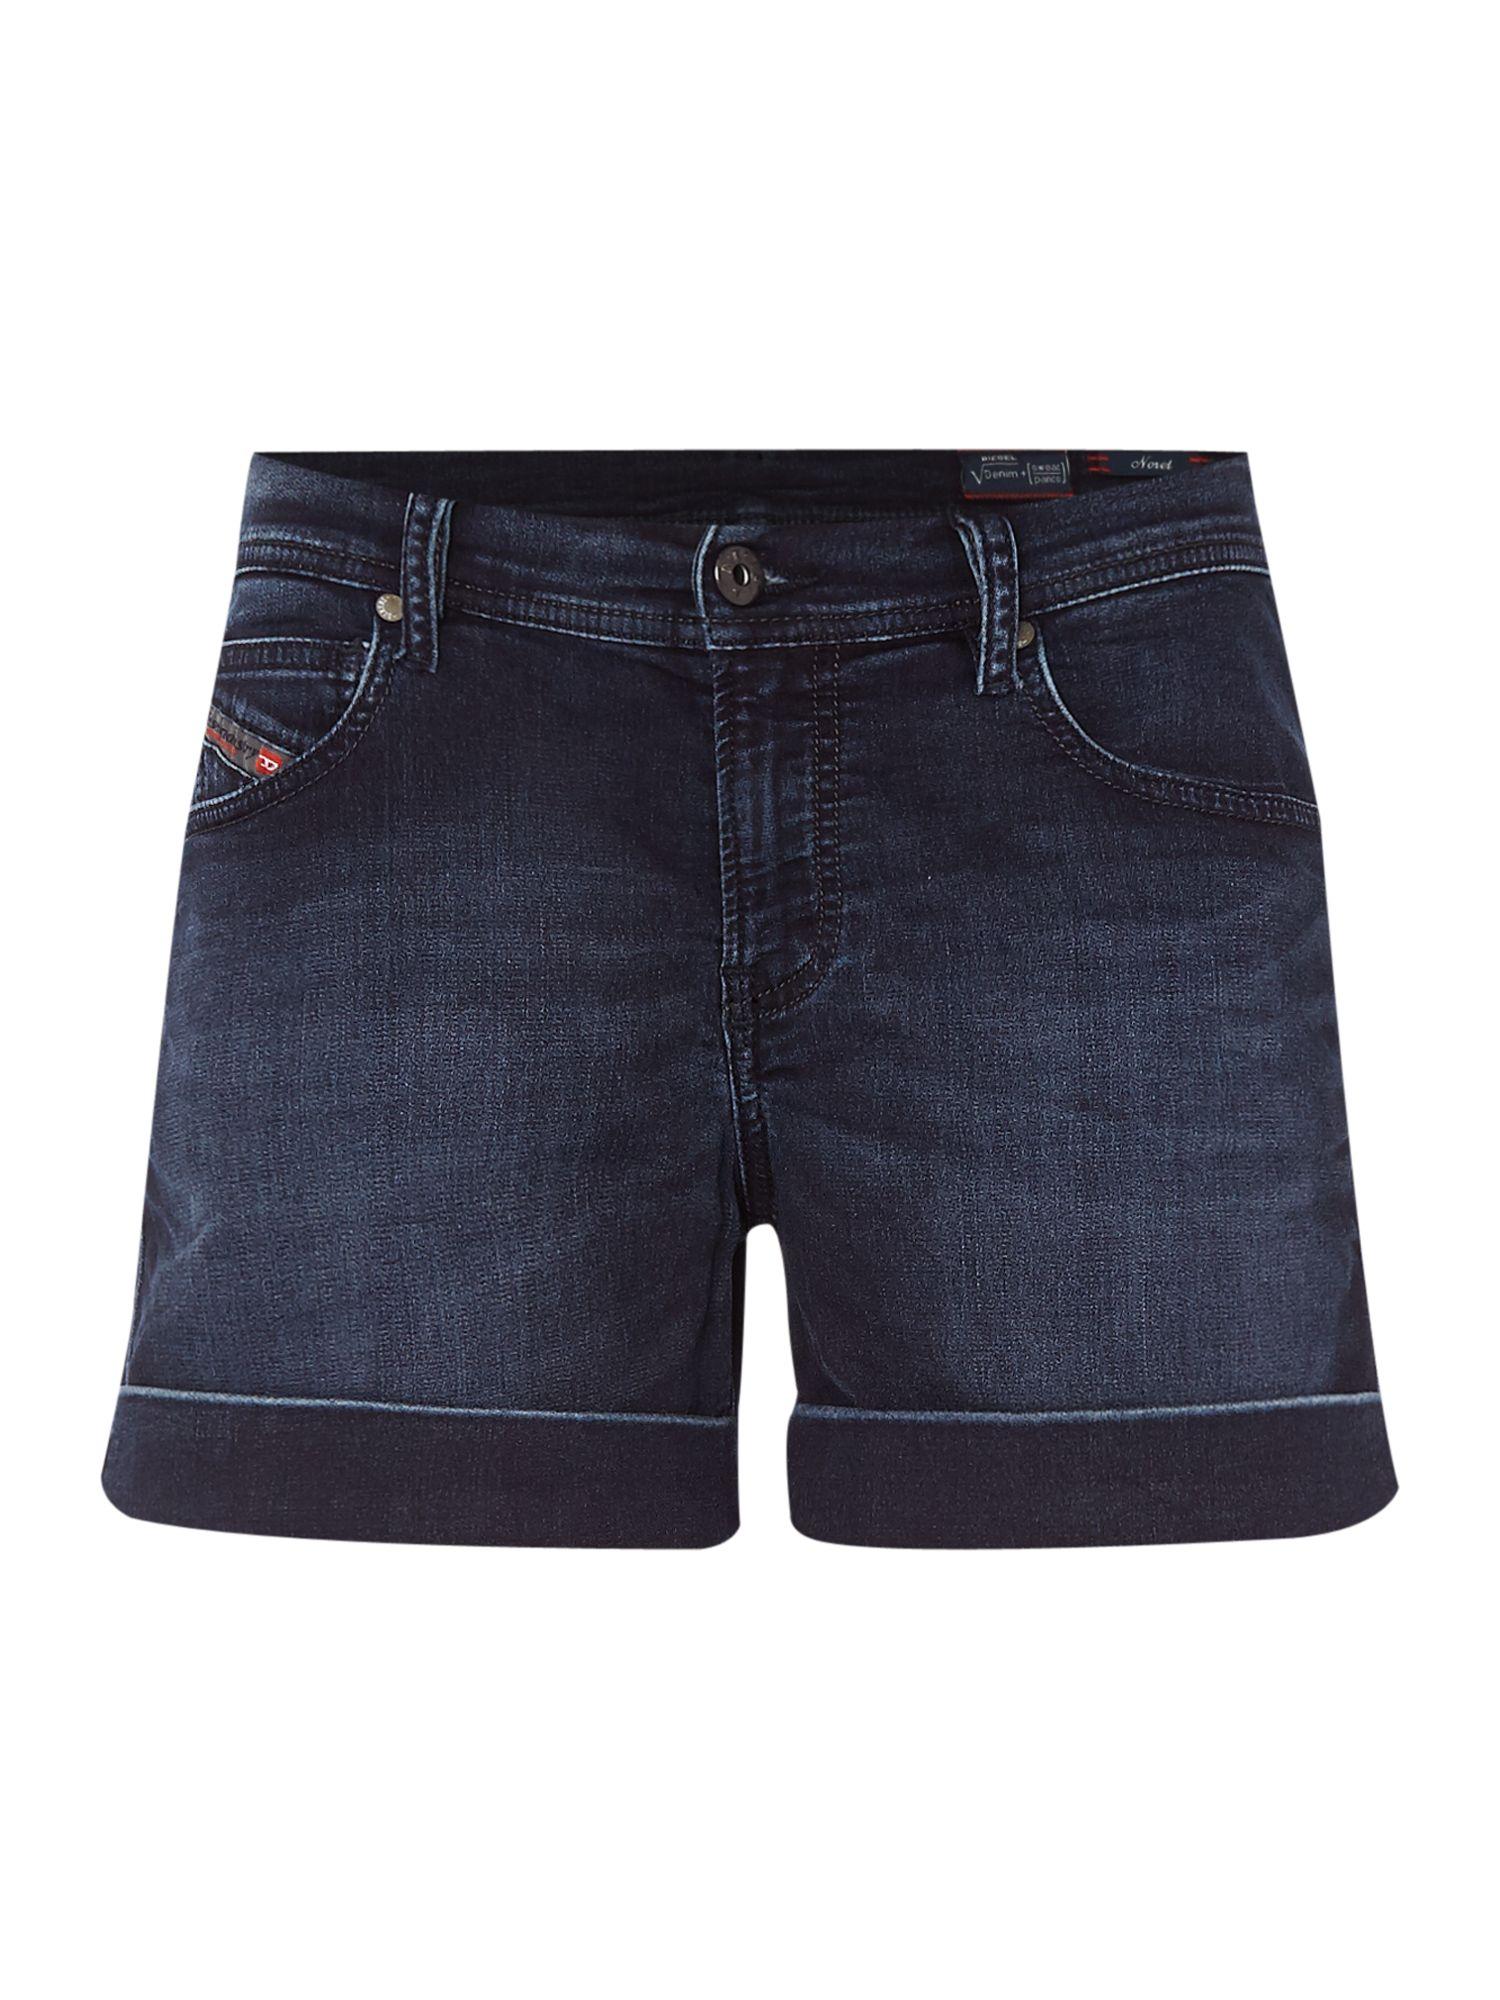 diesel noret ne 0842w jogg jeans shorts in blue lyst. Black Bedroom Furniture Sets. Home Design Ideas